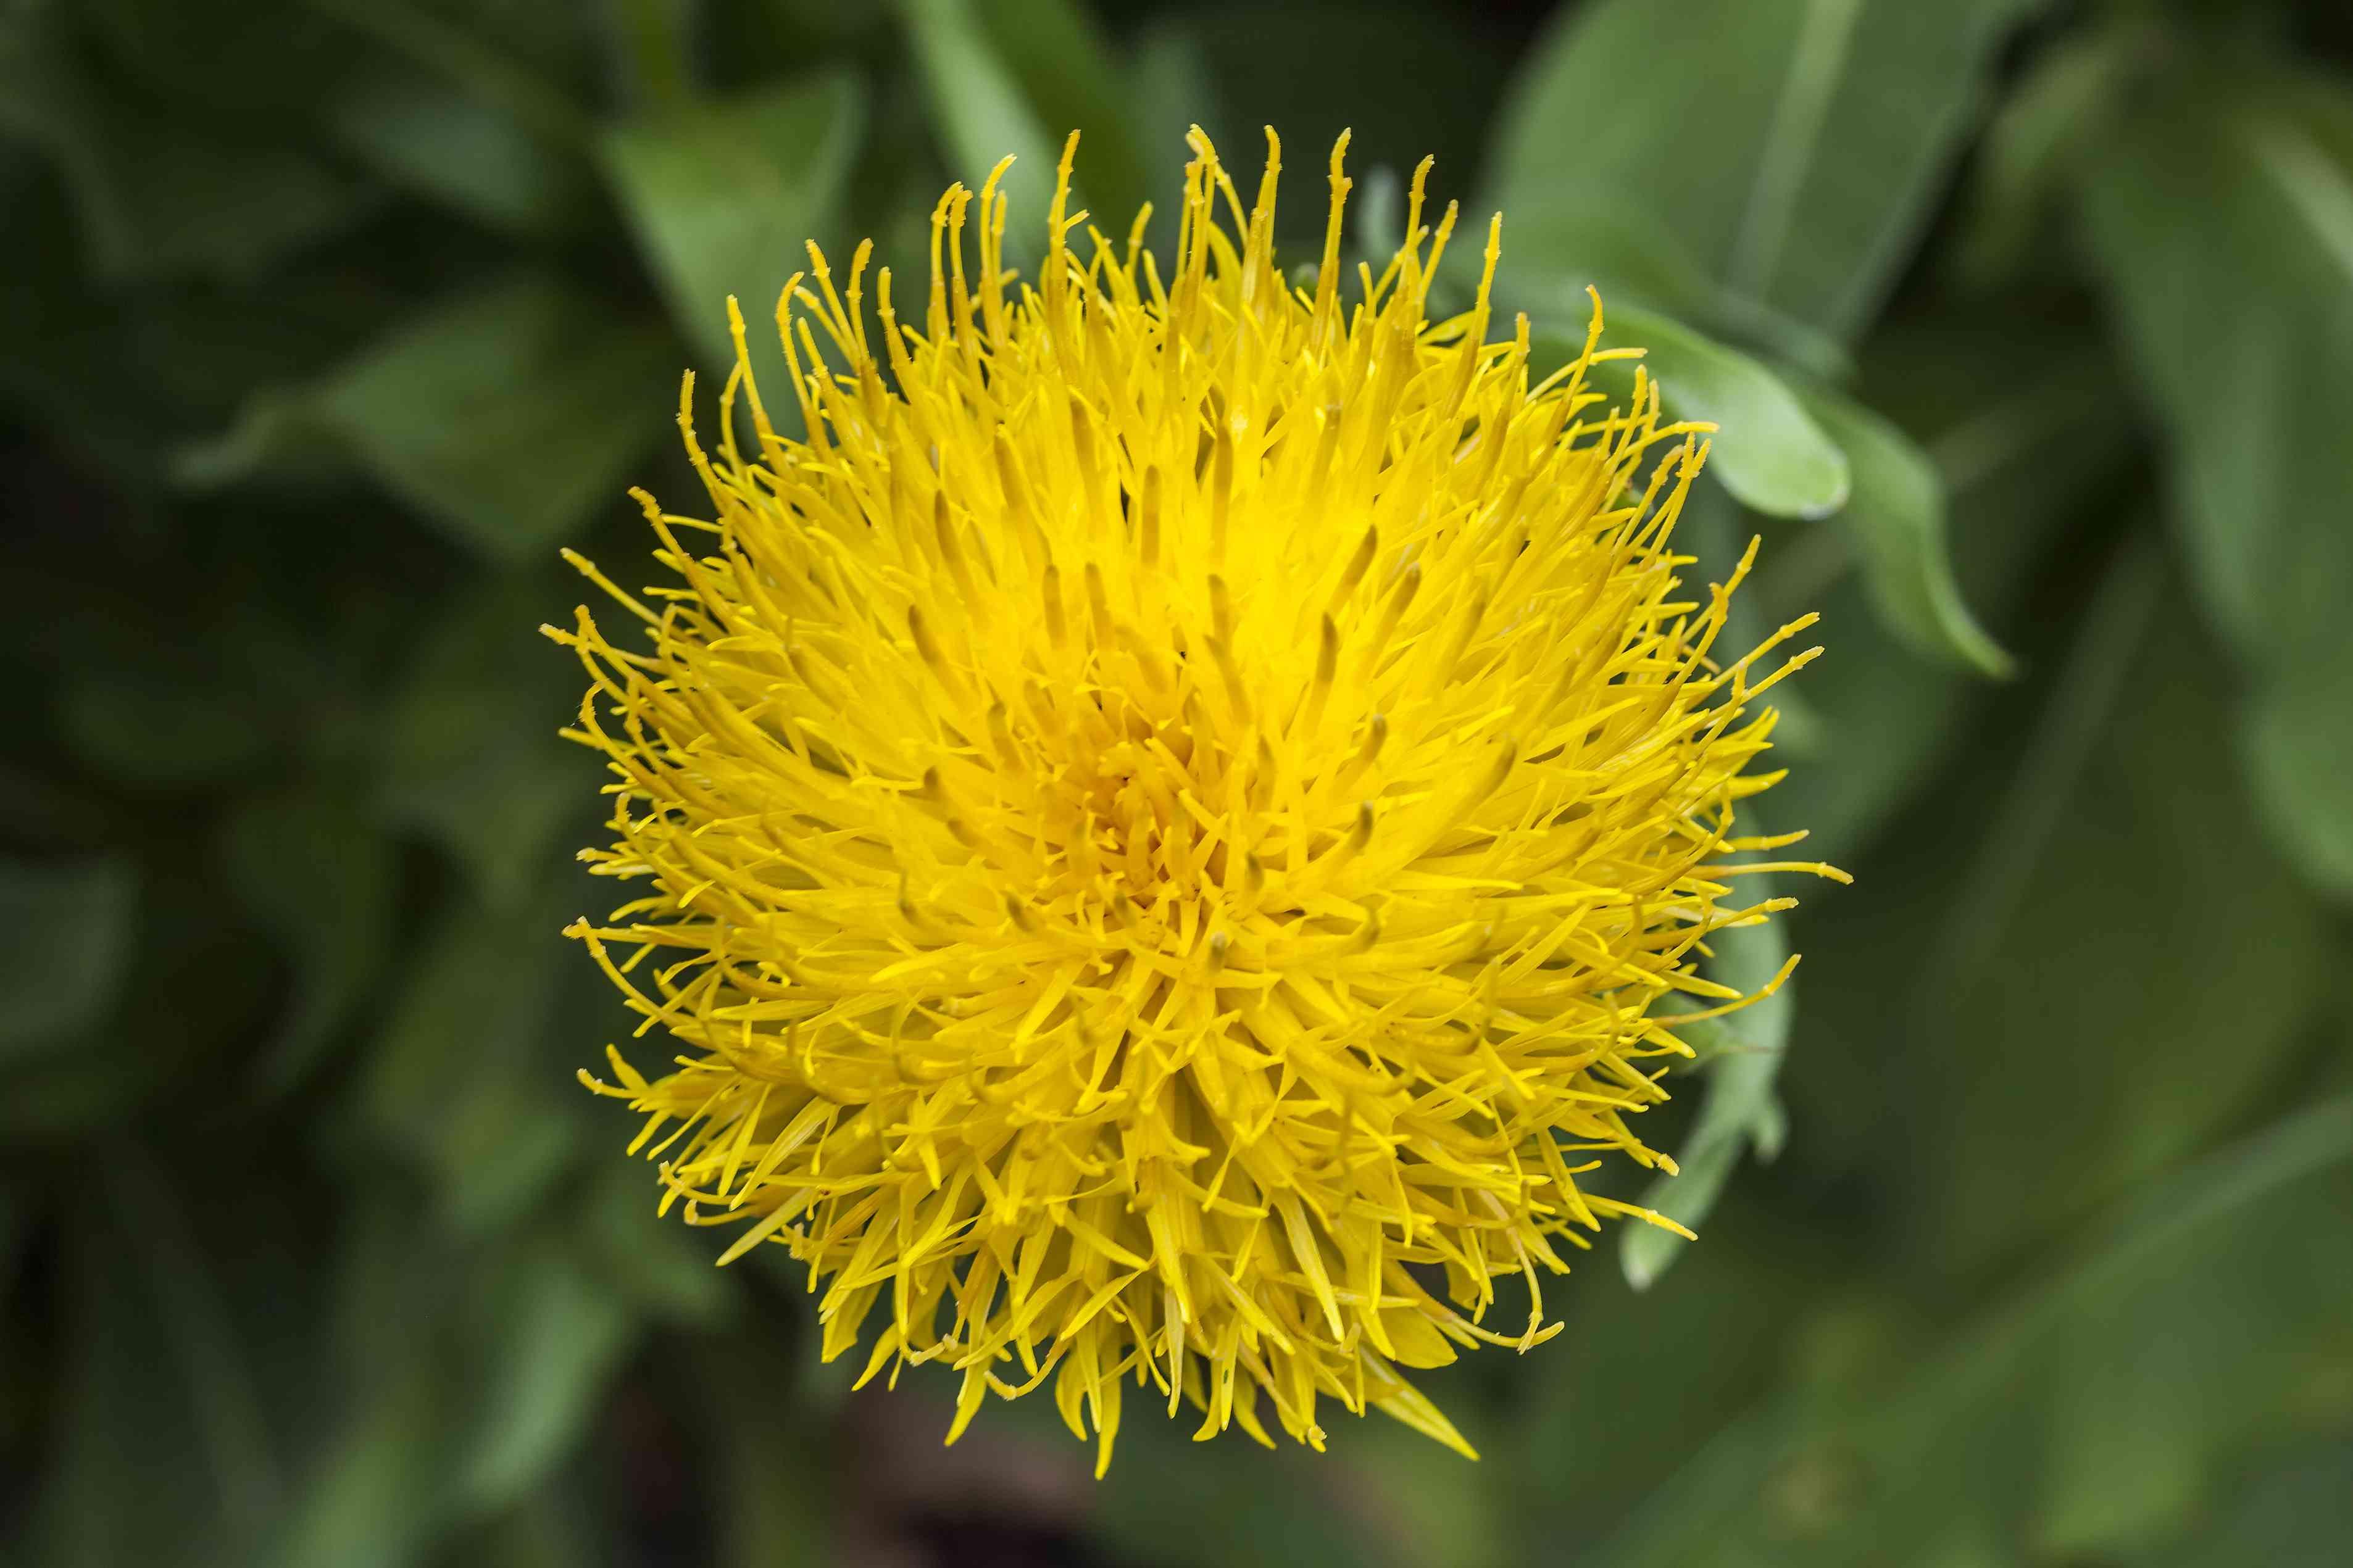 Yellow Centaurea flower.